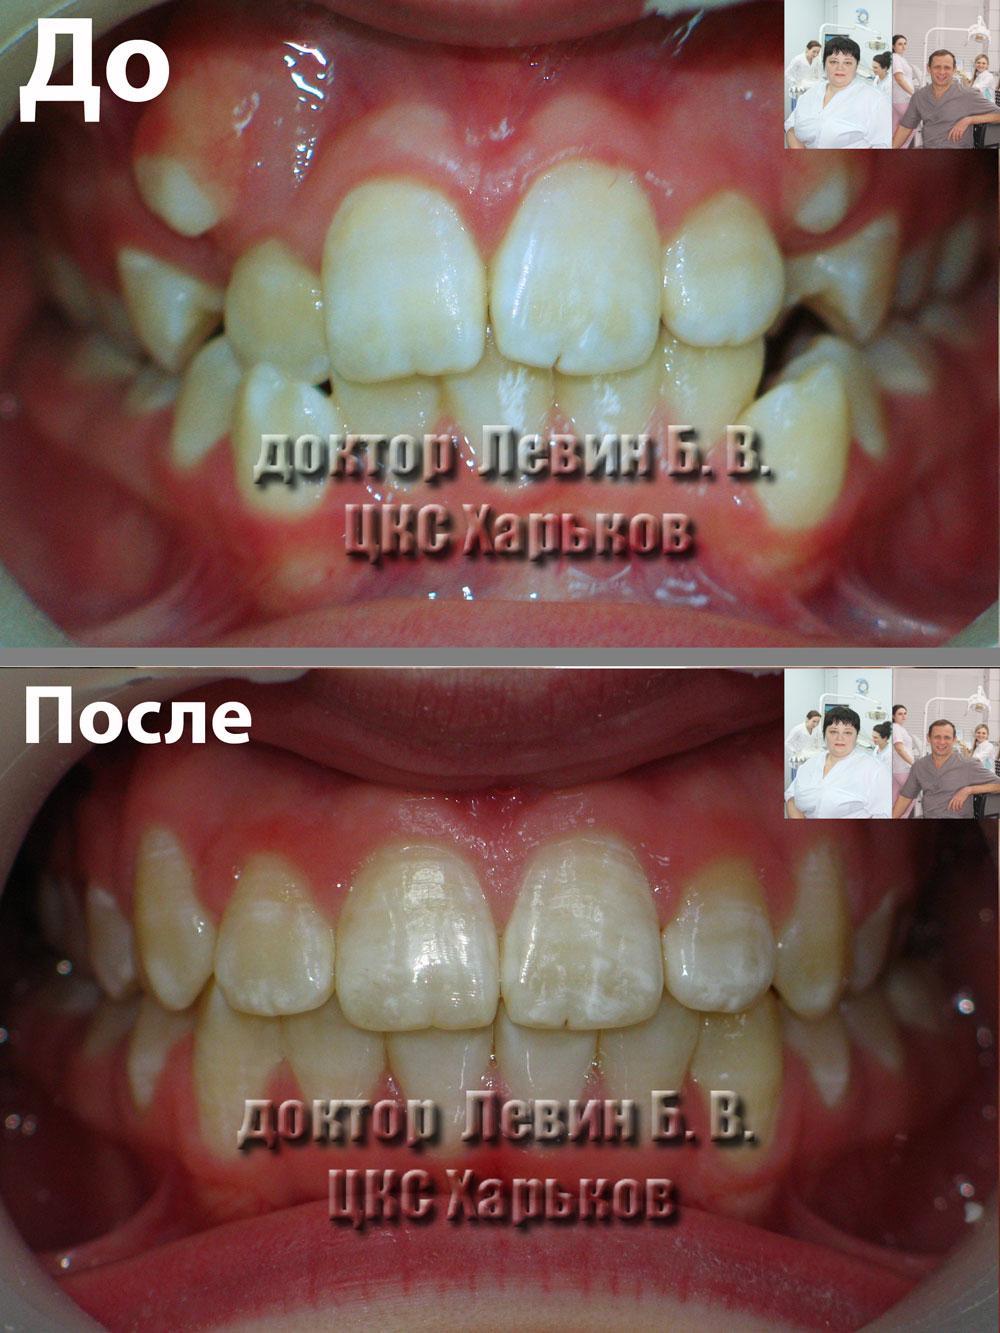 Зубы пациента до и после лечения брекетами